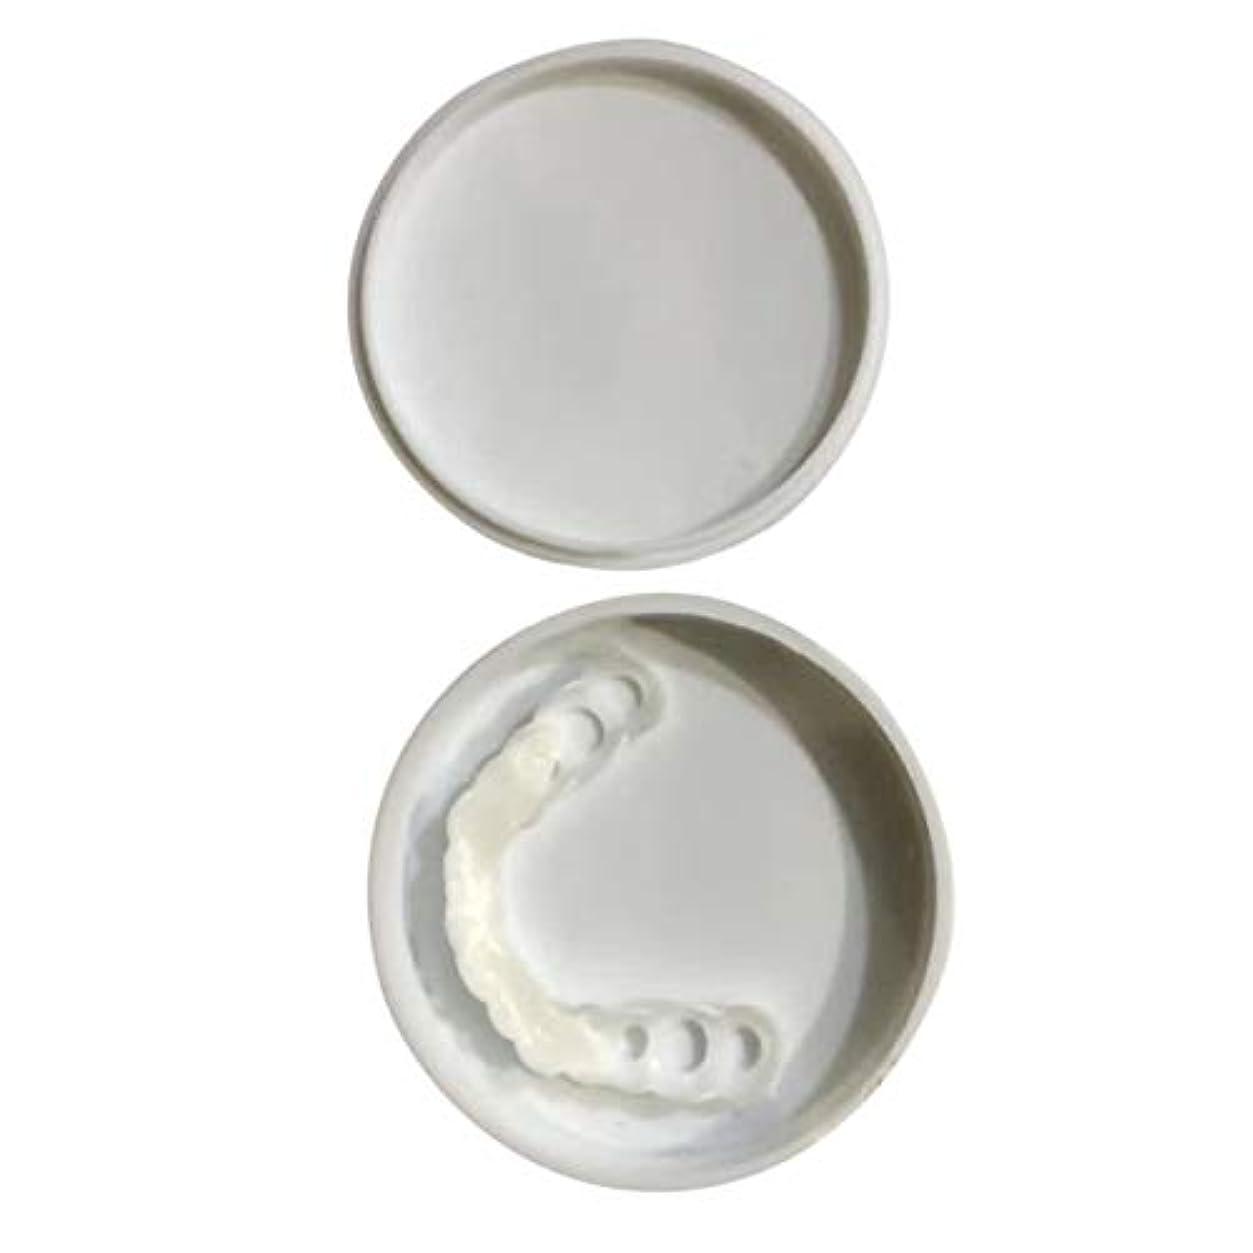 補正感度答え快適なスナップオン男性女性歯インスタントパーフェクトスマイルコンフォートフィットフレックス歯フィットホワイトニング笑顔偽歯カバー - ホワイト